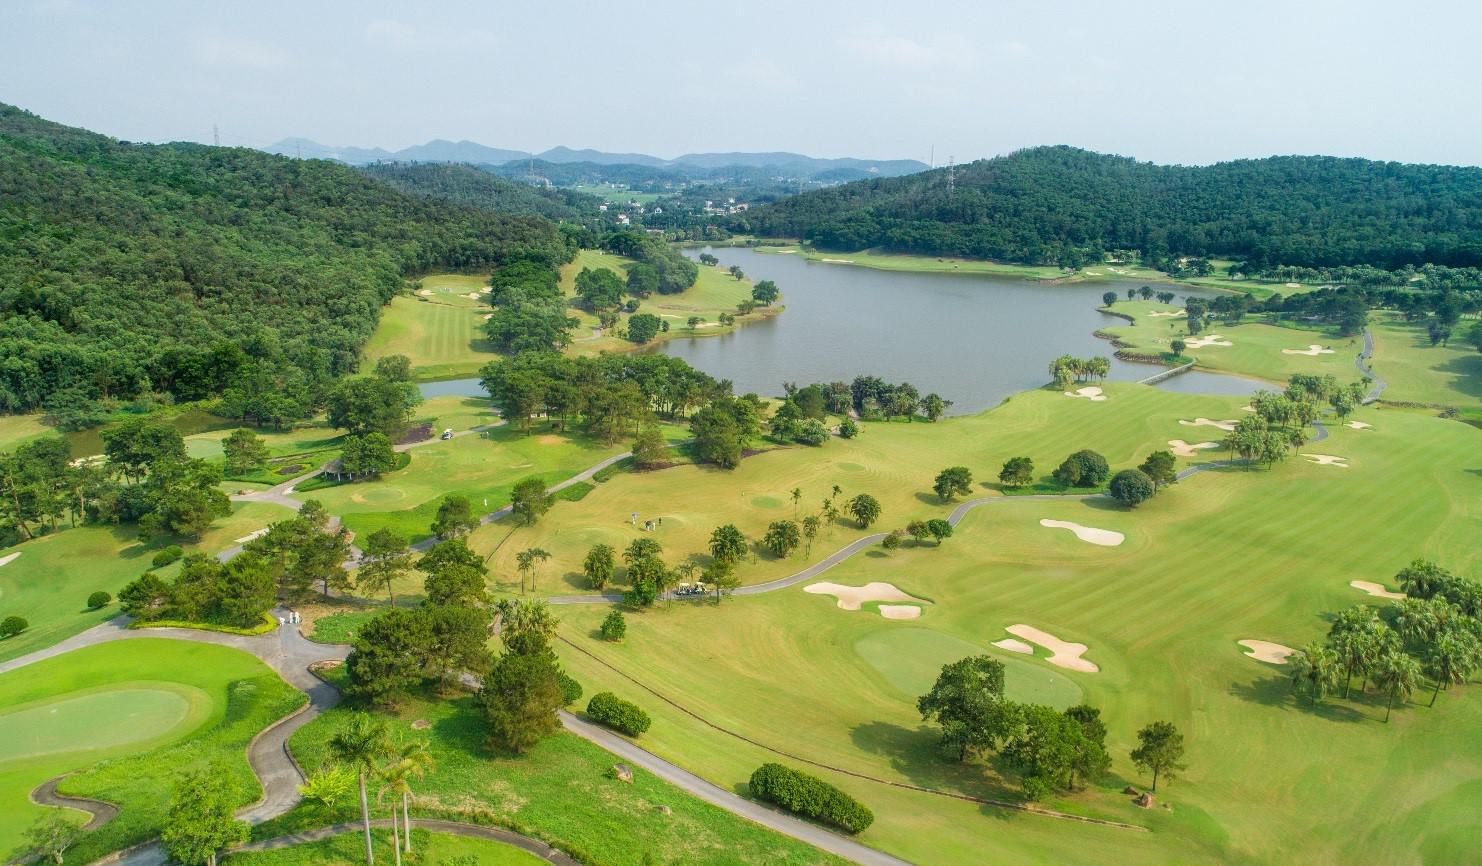 Tee off sân golf Chí Linh Hải Dương 27 hố cuối tuần